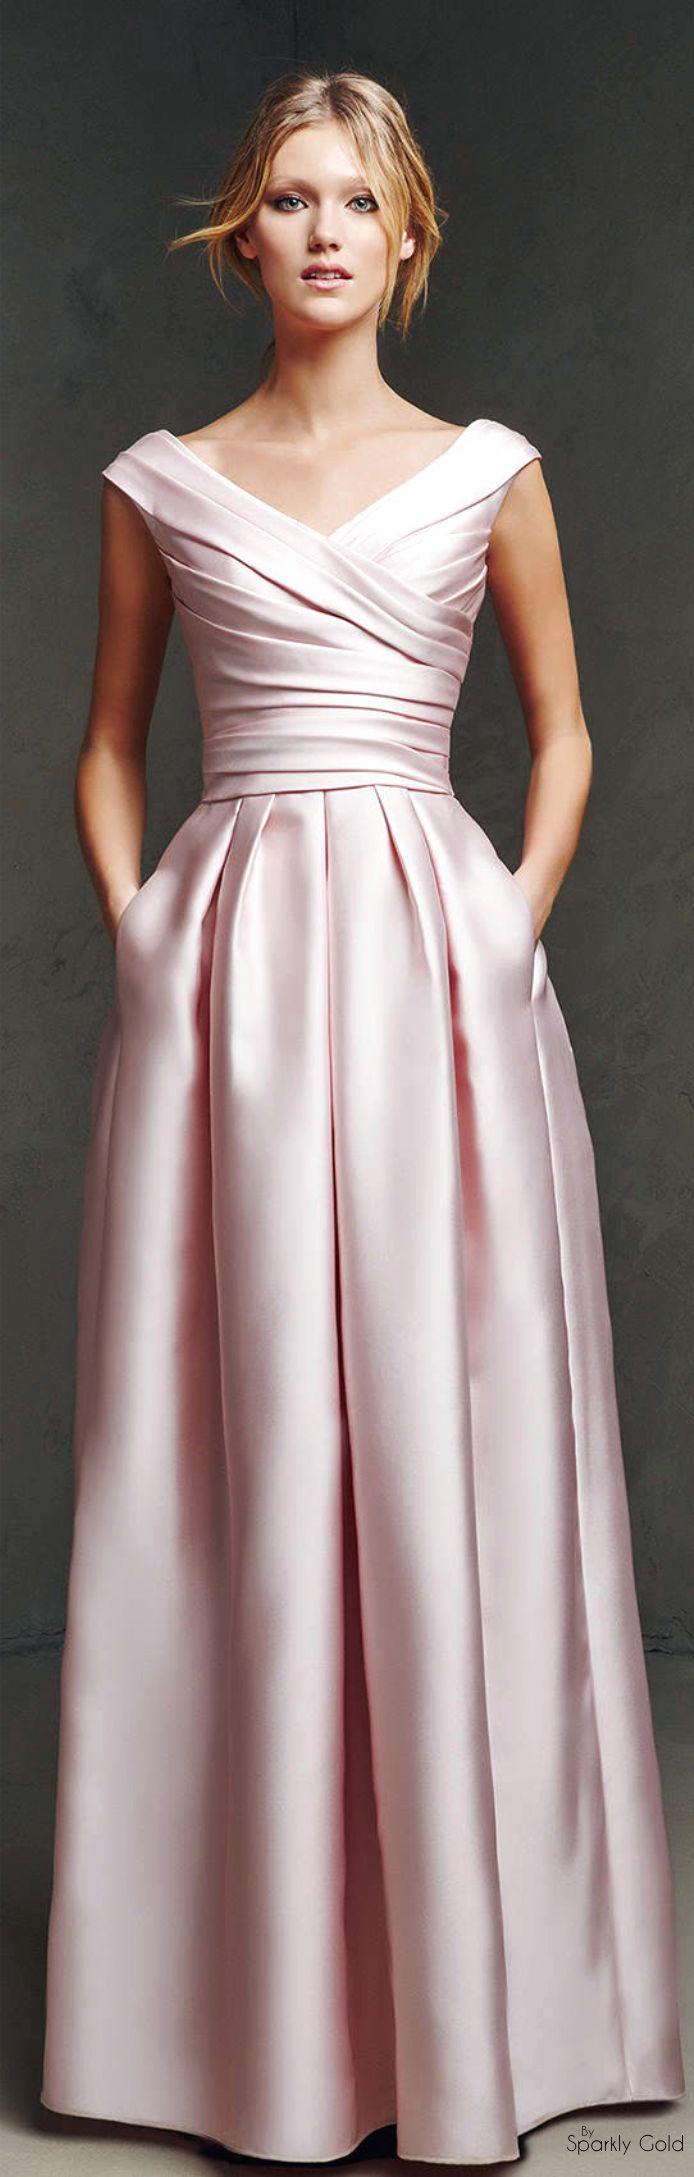 Pronovias 2016  Dresses Evening Dresses Fashion